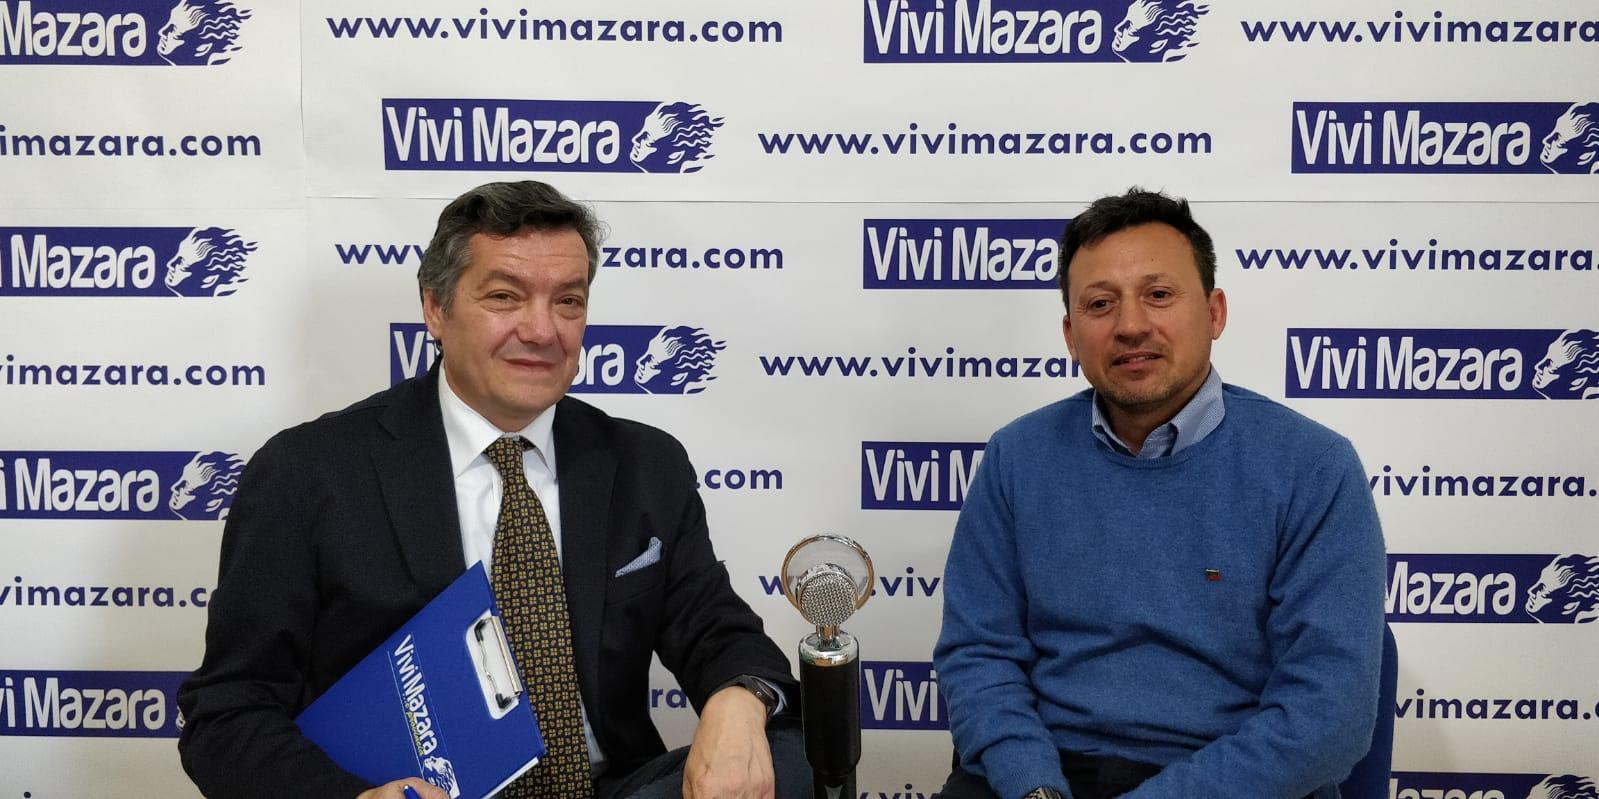 INFORMAZIONE ELETTORALE: INTERVISTA CON ALESSANDRO CULICCHIA (FORZA ITALIA) A SOSTEGNO DI BENEDETTA CORRAO